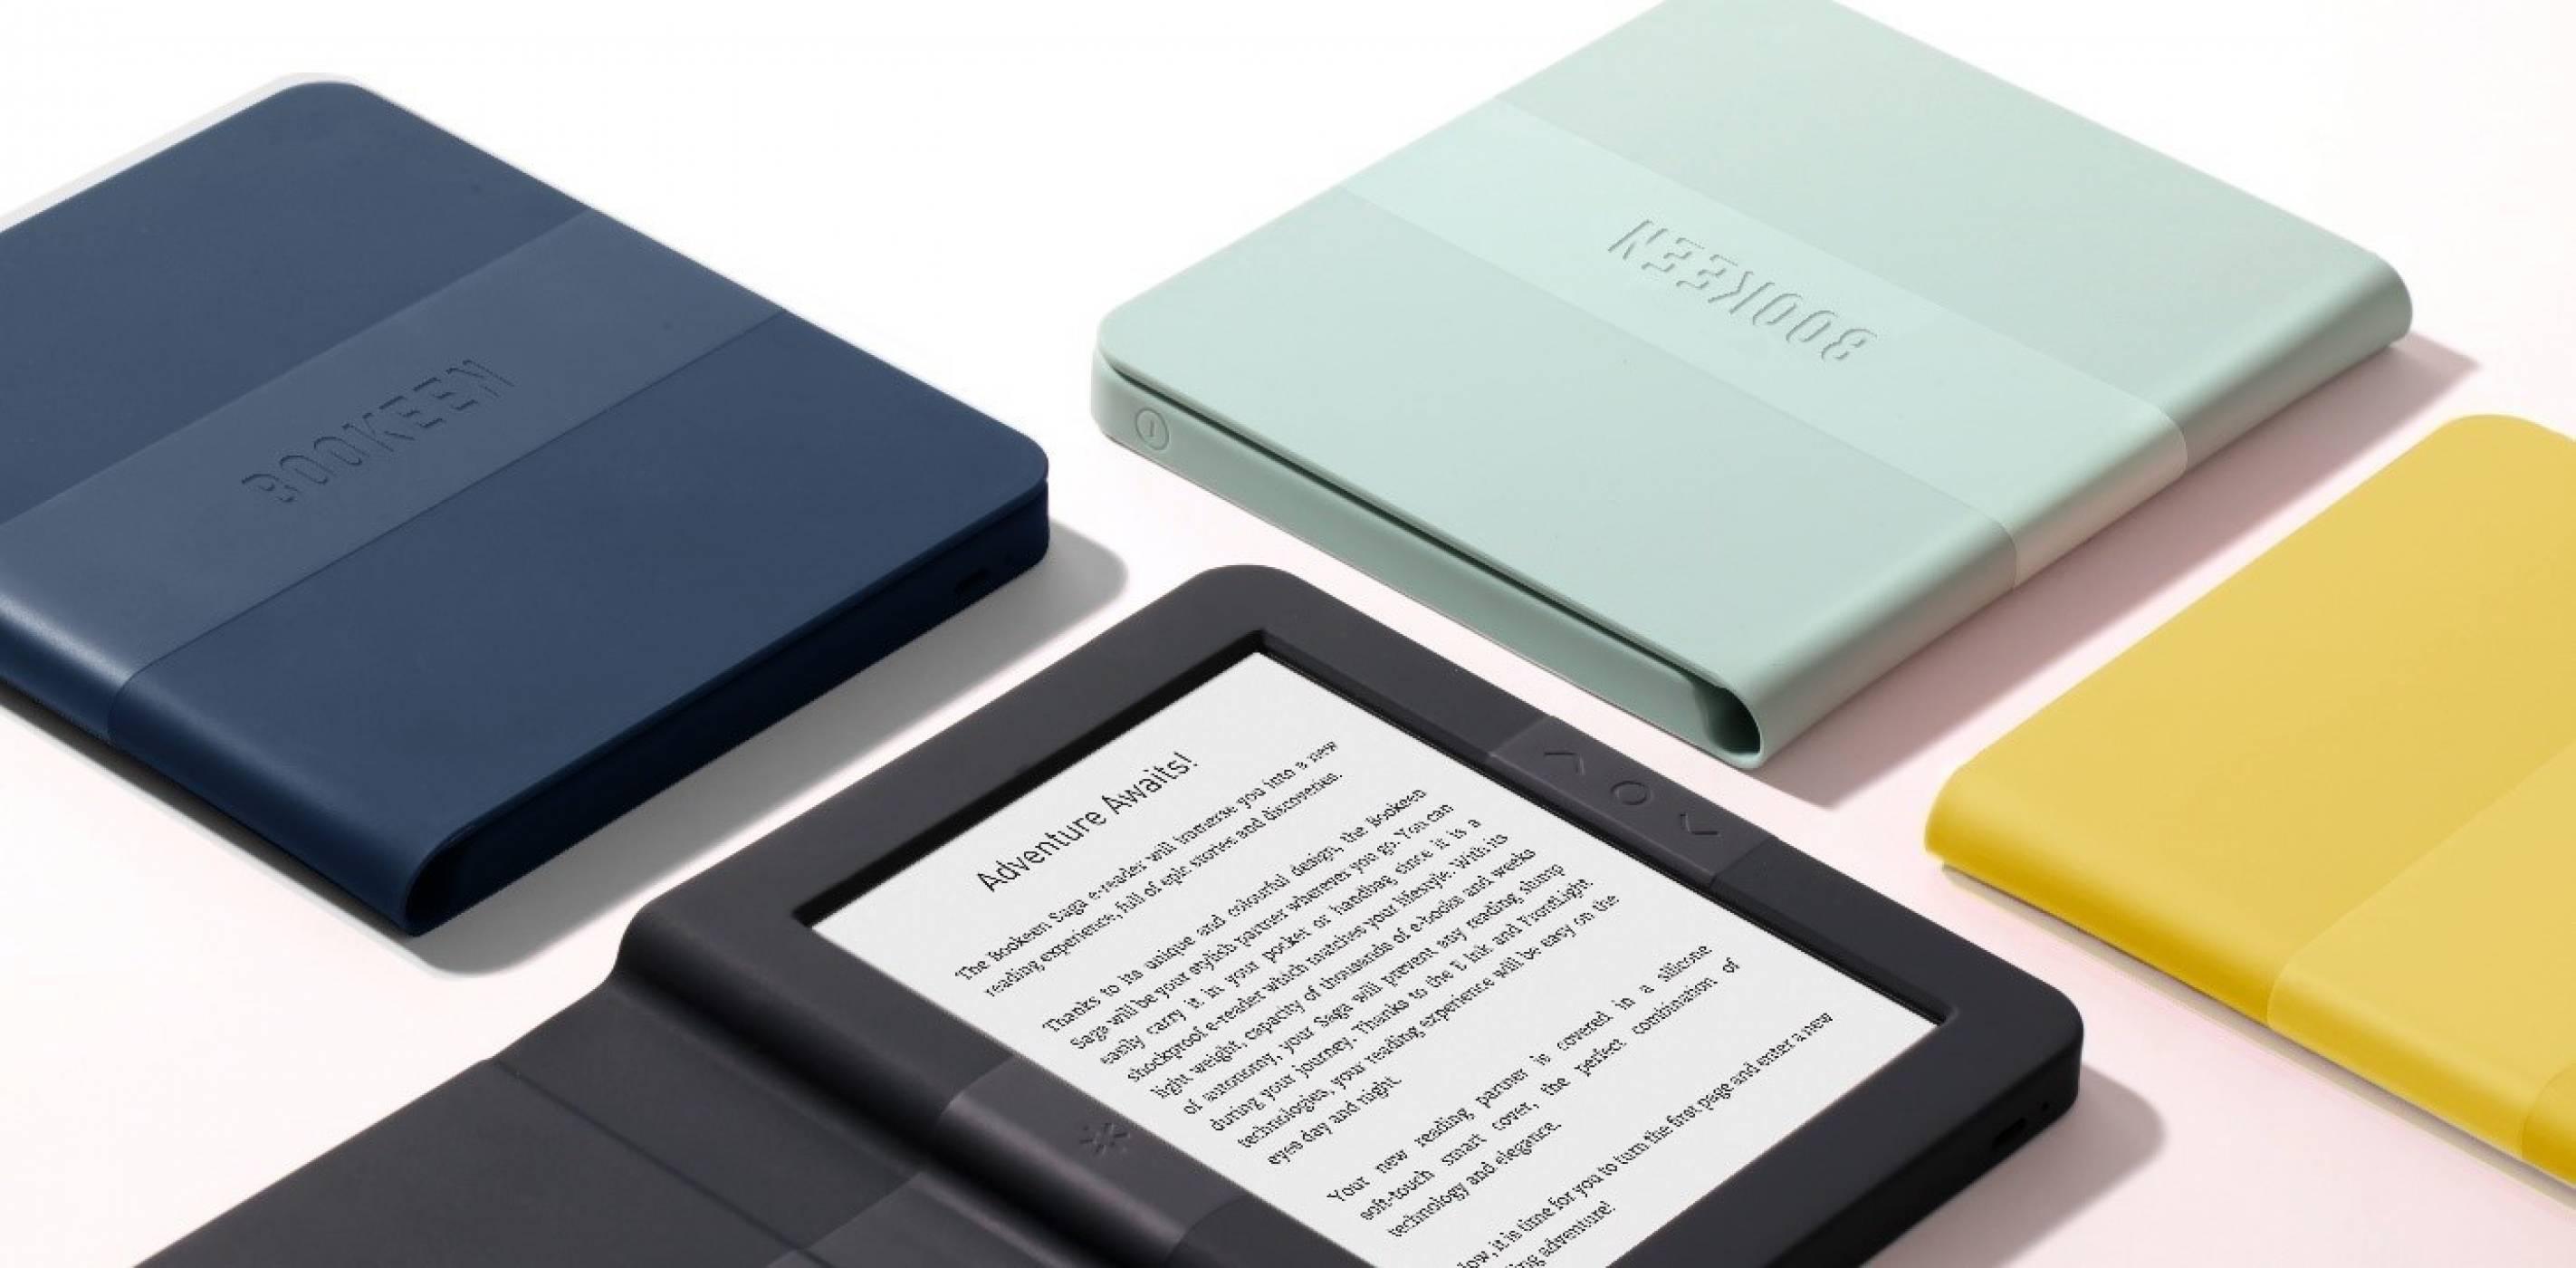 Функционалните и удобни е-четци Pocketbook InkPad 3 и Bookeen SAGA